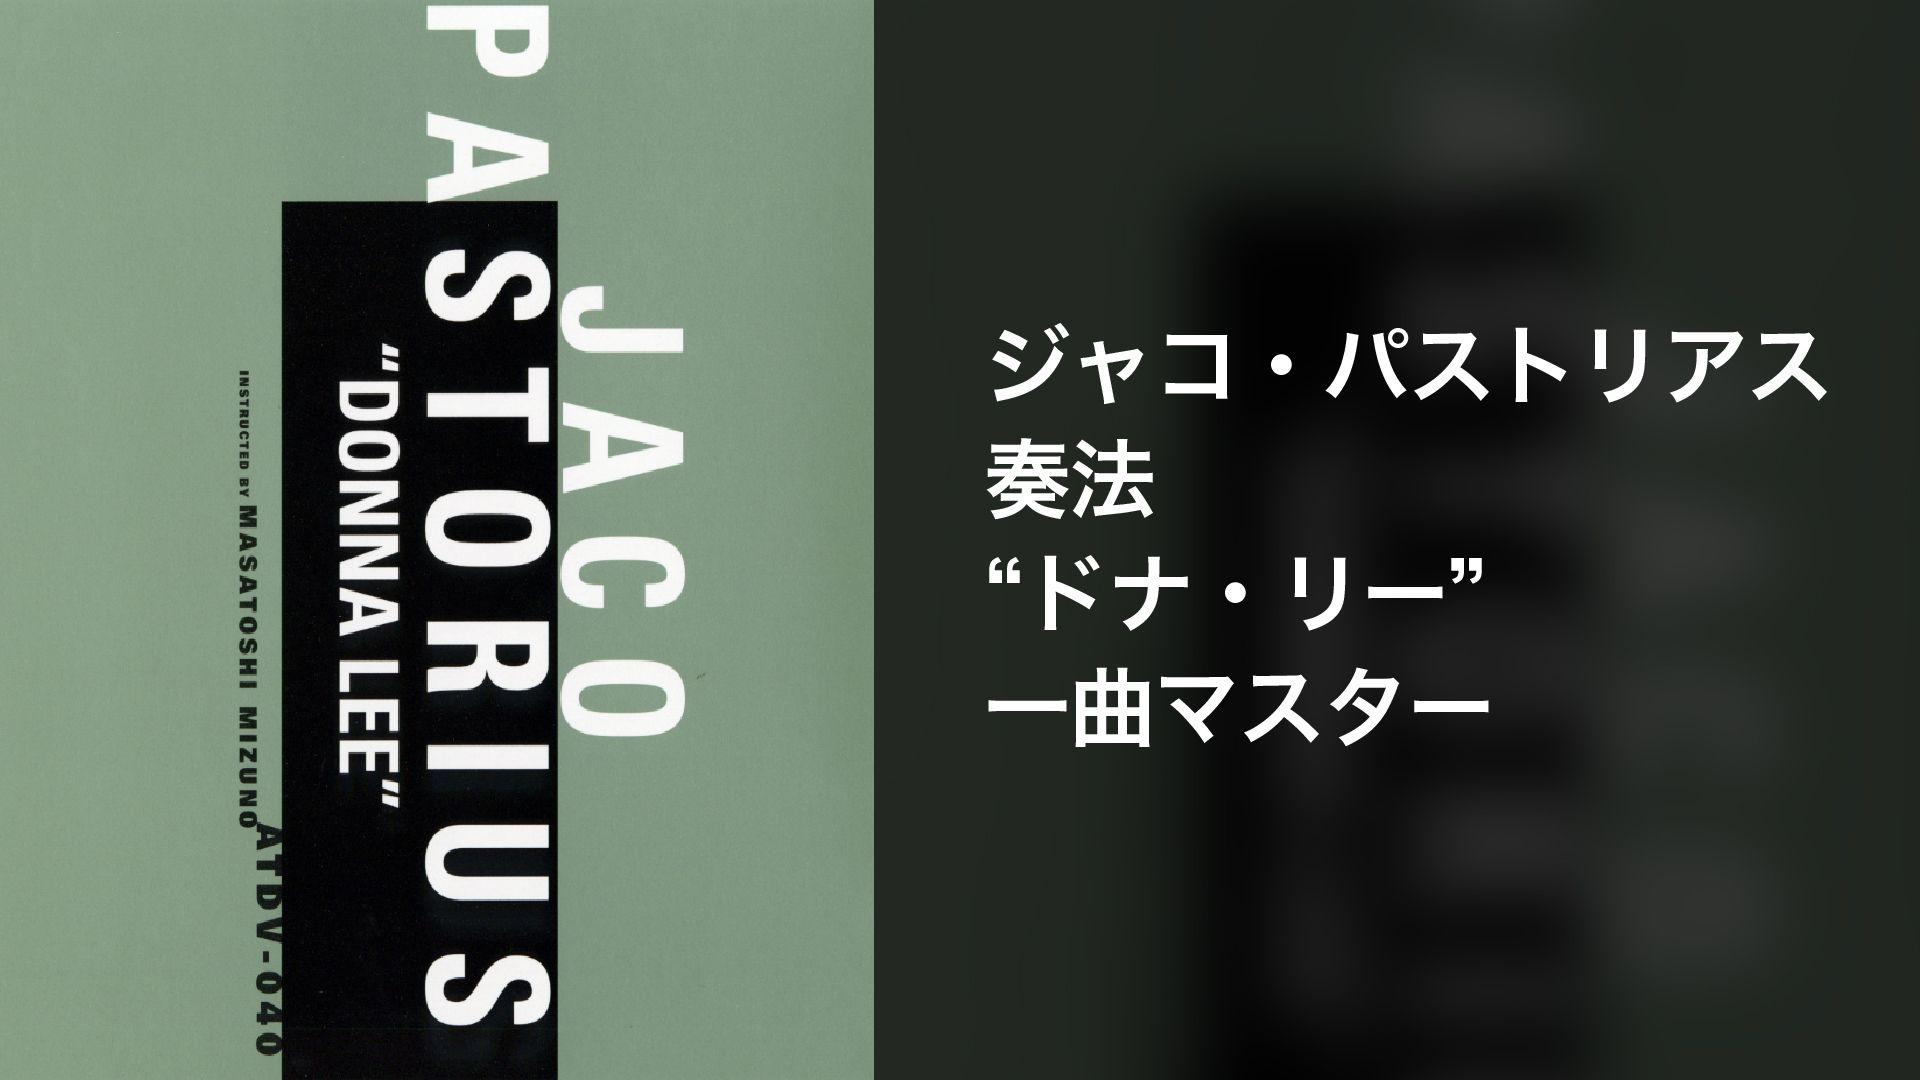 ジャコ・パストリアス奏法 ドナ・リー 1曲マスター